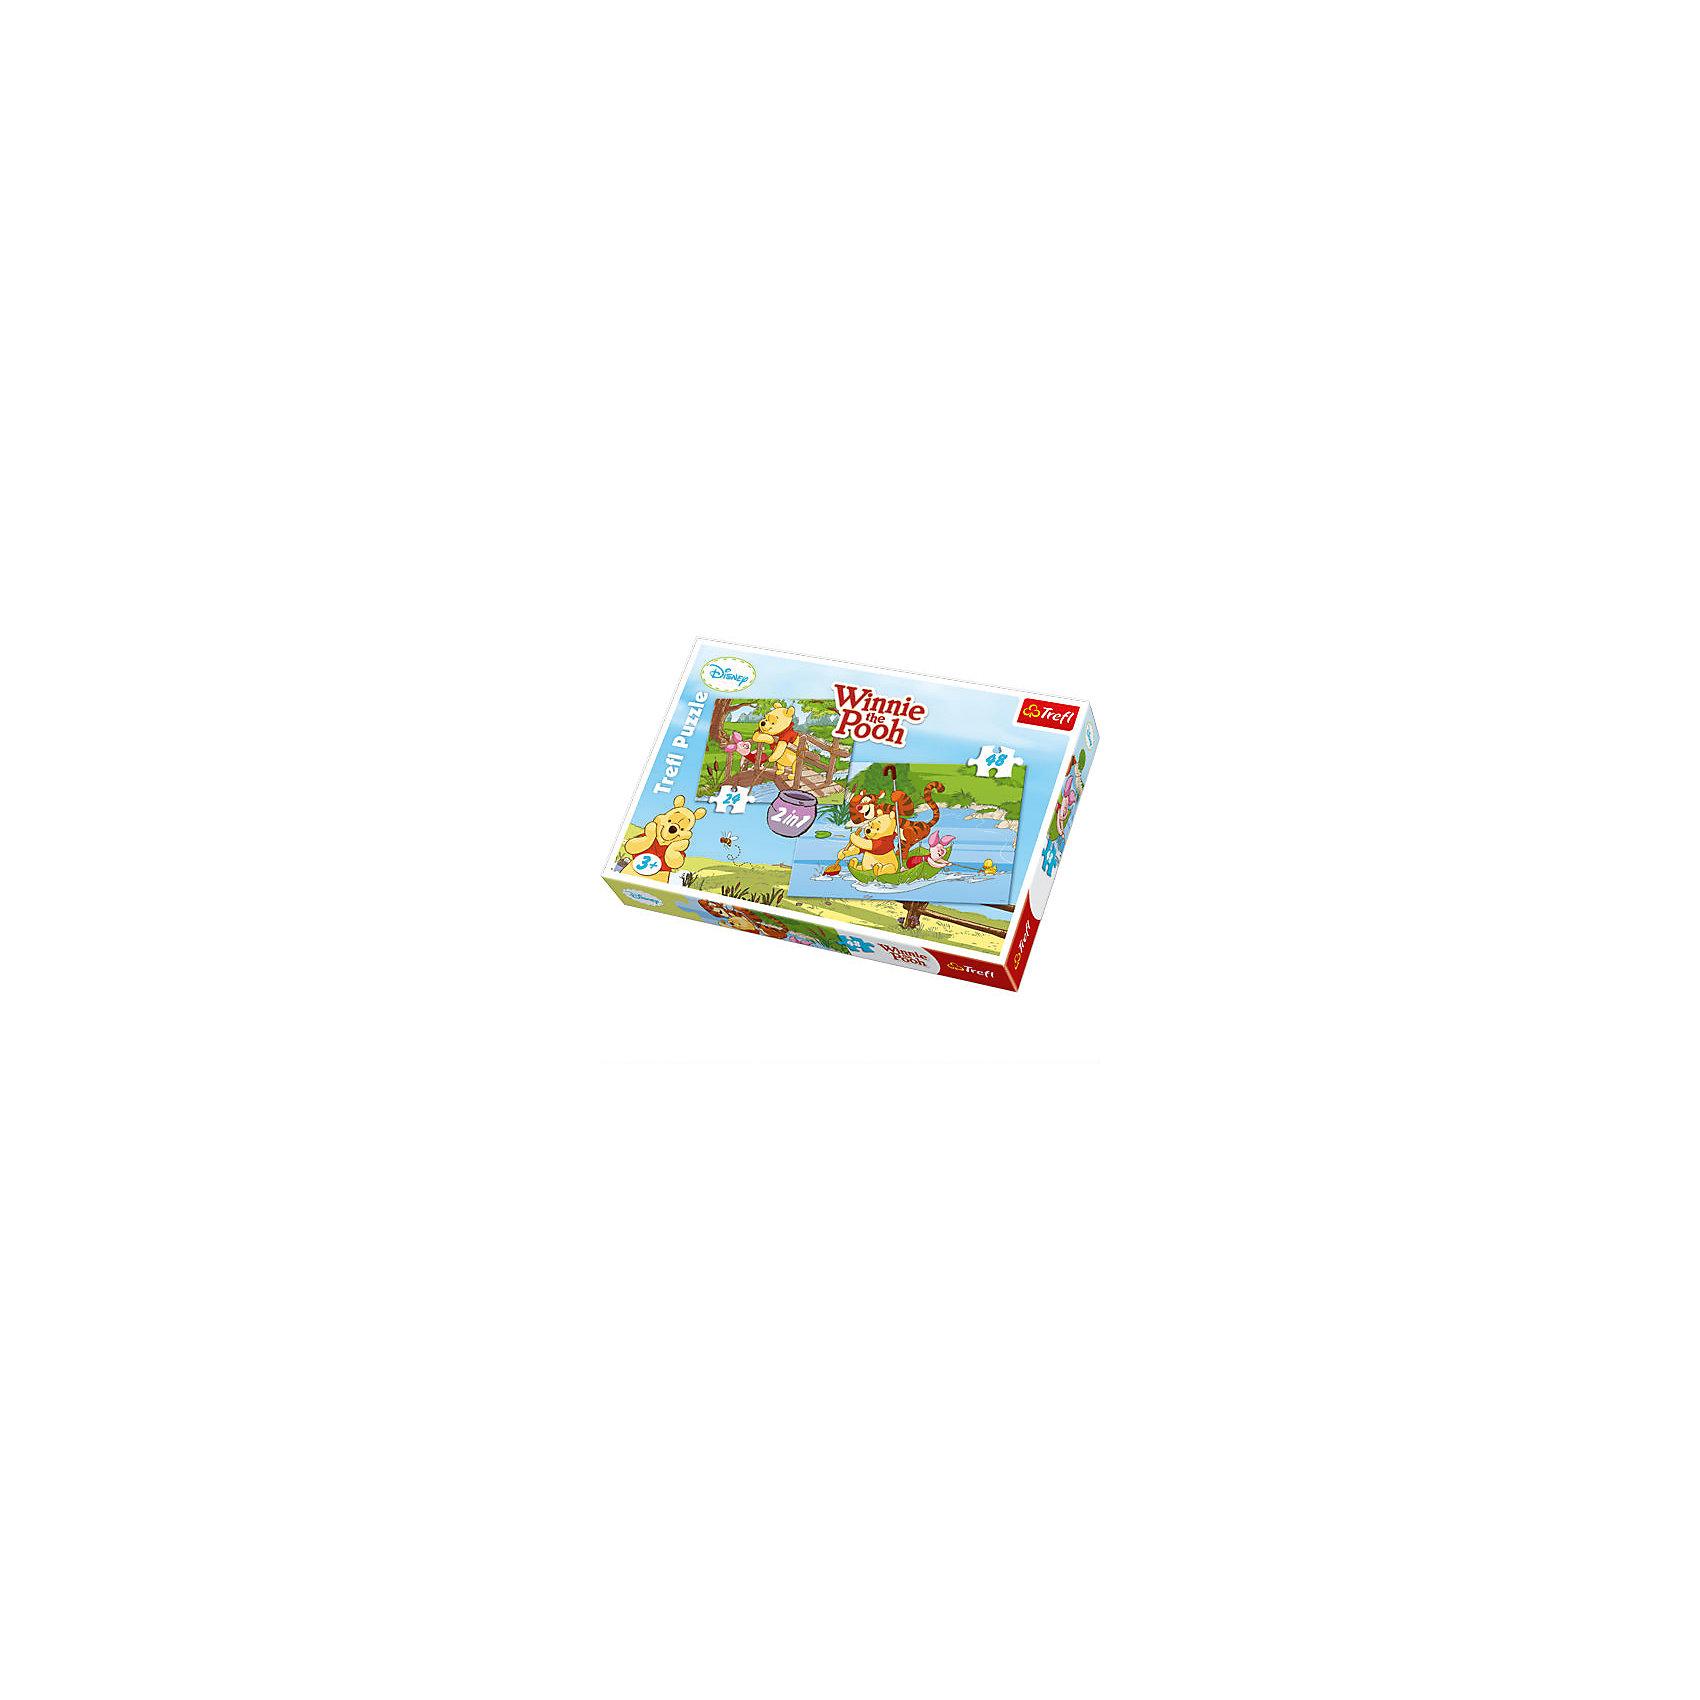 Набор пазлов Играем в воде, 24*48 деталей, TreflНабор 2 в 1 Играем в воде – это две прекрасных мозаики с изображением Винни-Пуха и его друзей Пятачка и Тигру, которые будут приятным занятием для ребенка. Ведь все малыши любят мультсериалы Дисней! В этом наборе вы найдете два пазла: на 24 и на 48 элементов. <br>Игрушка изготовлена польским брендом Trefl из экологически чистых материалов. Специальная бумага, из которой сделаны пазлы, исключает отражение света. Таким образом, мозаики можно собирать при любом освещении.<br><br>Дополнительная информация:<br><br>Размеры собранных картинок:<br>- 22,7 x 16,7 см. <br>- 33 x 22 см. <br><br>Набор пазлов Играем в воде, 24*48 деталей, Trefl можно купить в нашем магазине.<br><br>Ширина мм: 193<br>Глубина мм: 288<br>Высота мм: 41<br>Вес г: 330<br>Возраст от месяцев: 36<br>Возраст до месяцев: 96<br>Пол: Унисекс<br>Возраст: Детский<br>SKU: 4574022